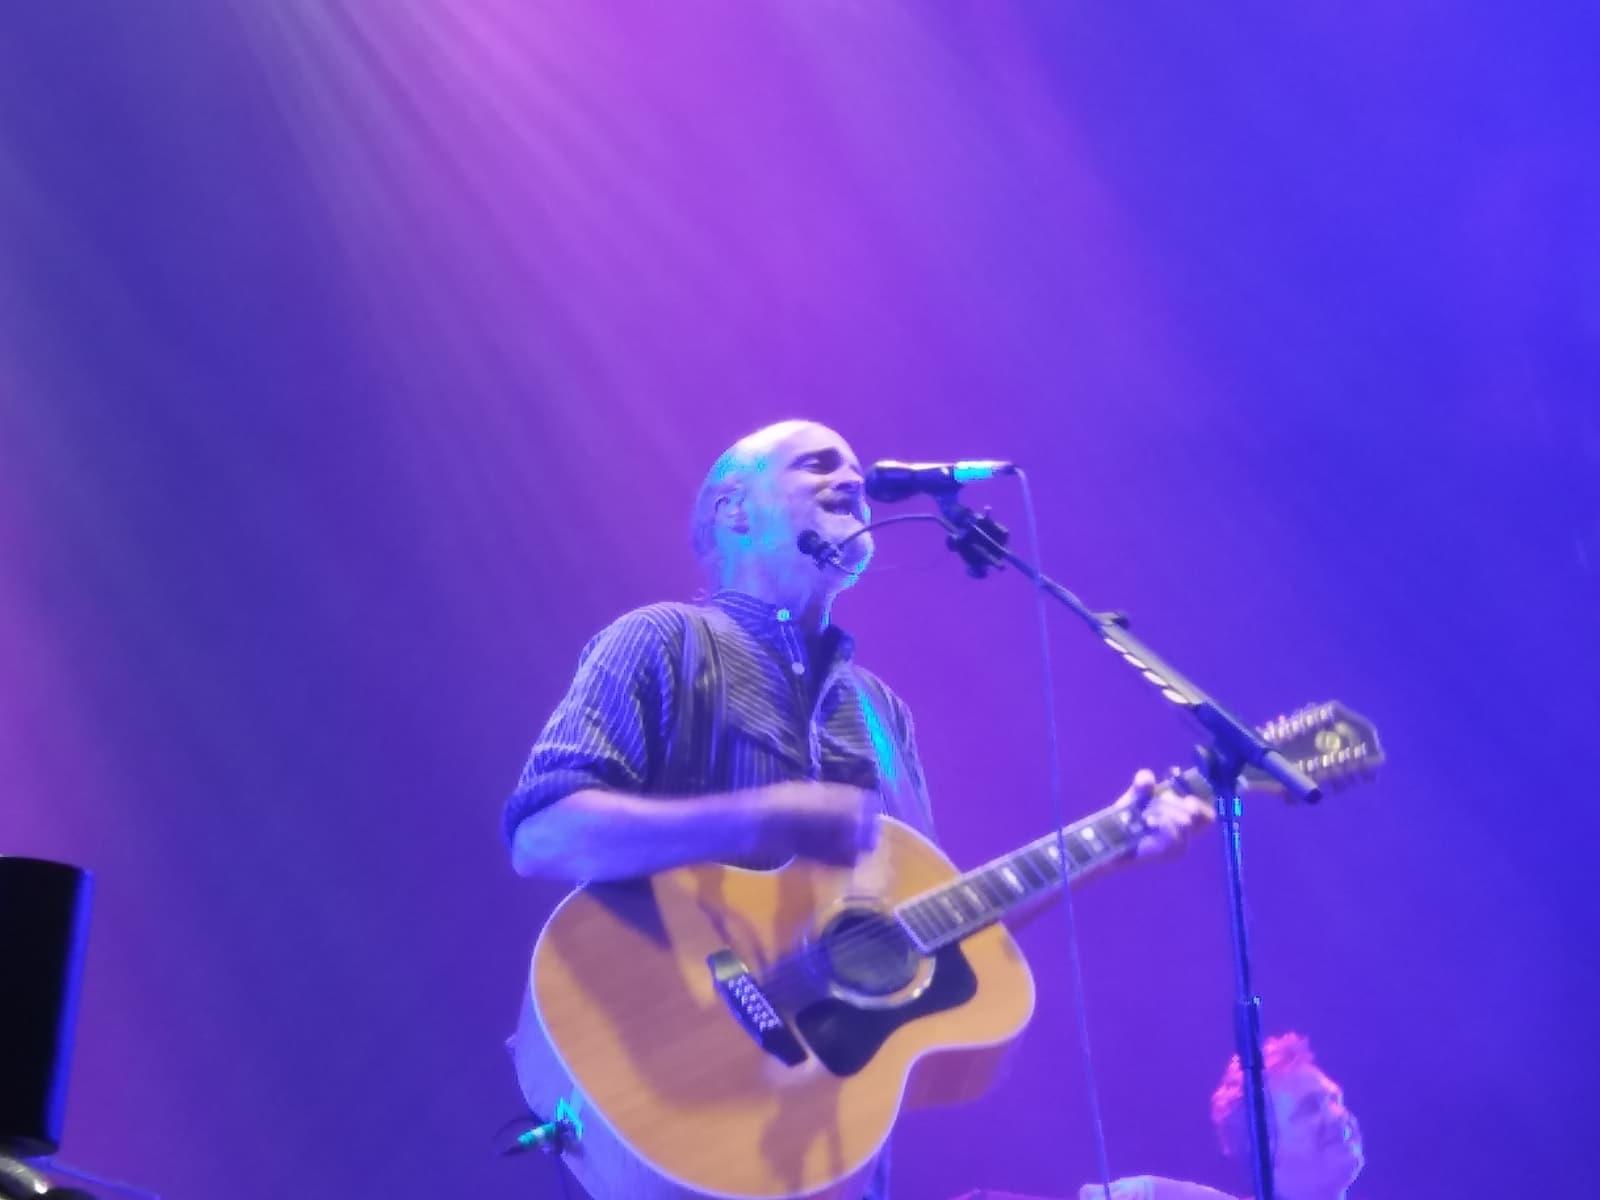 3-de-septiembre-de-2016-gibraltar-music-festival-2_28816113164_o